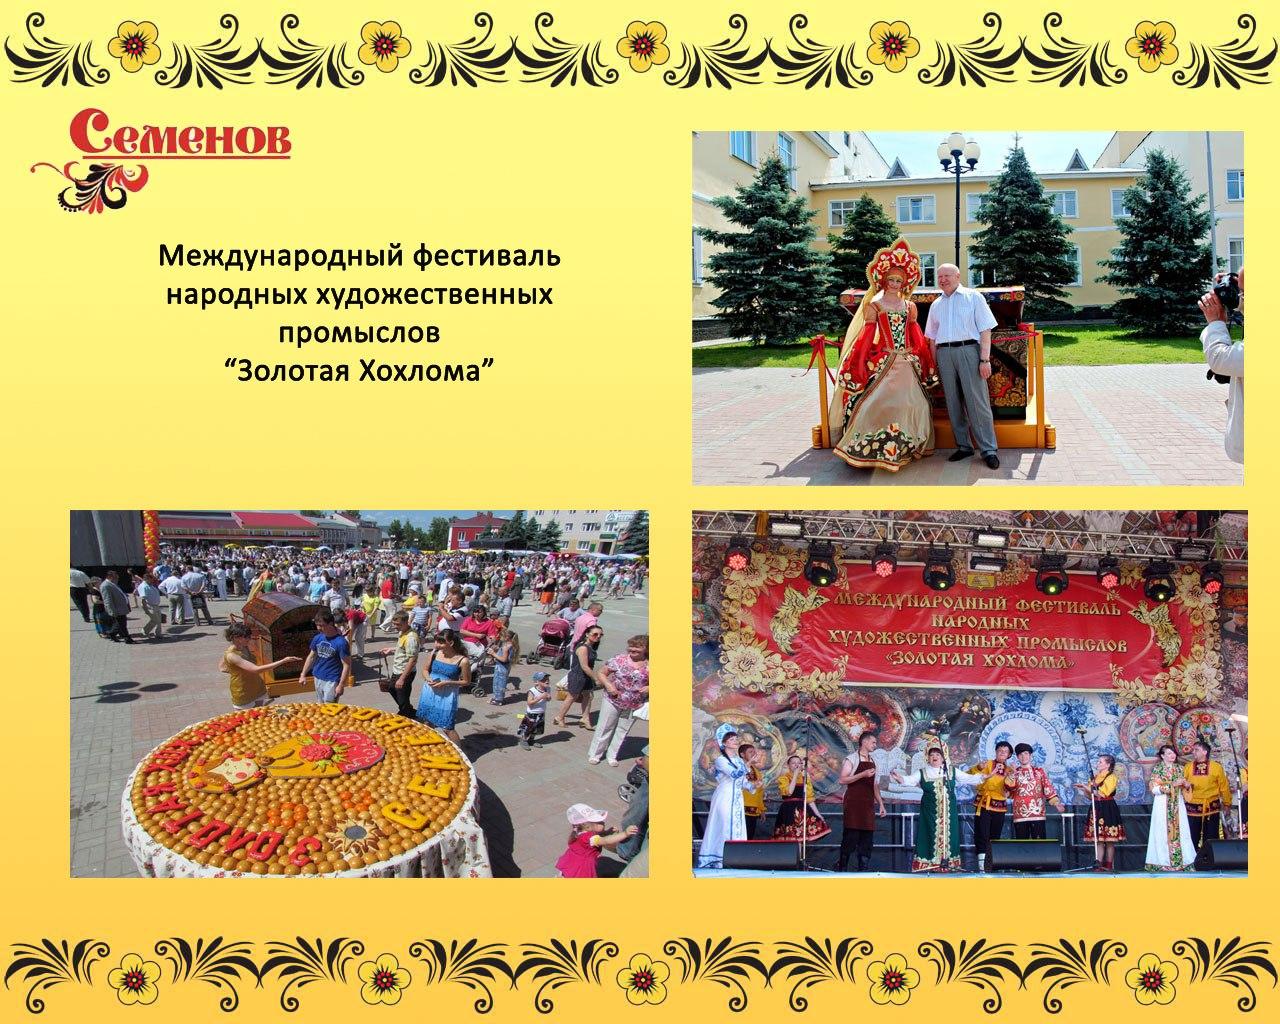 XIV Международный фестиваль народных художественных промыслов Золотая Хохлома